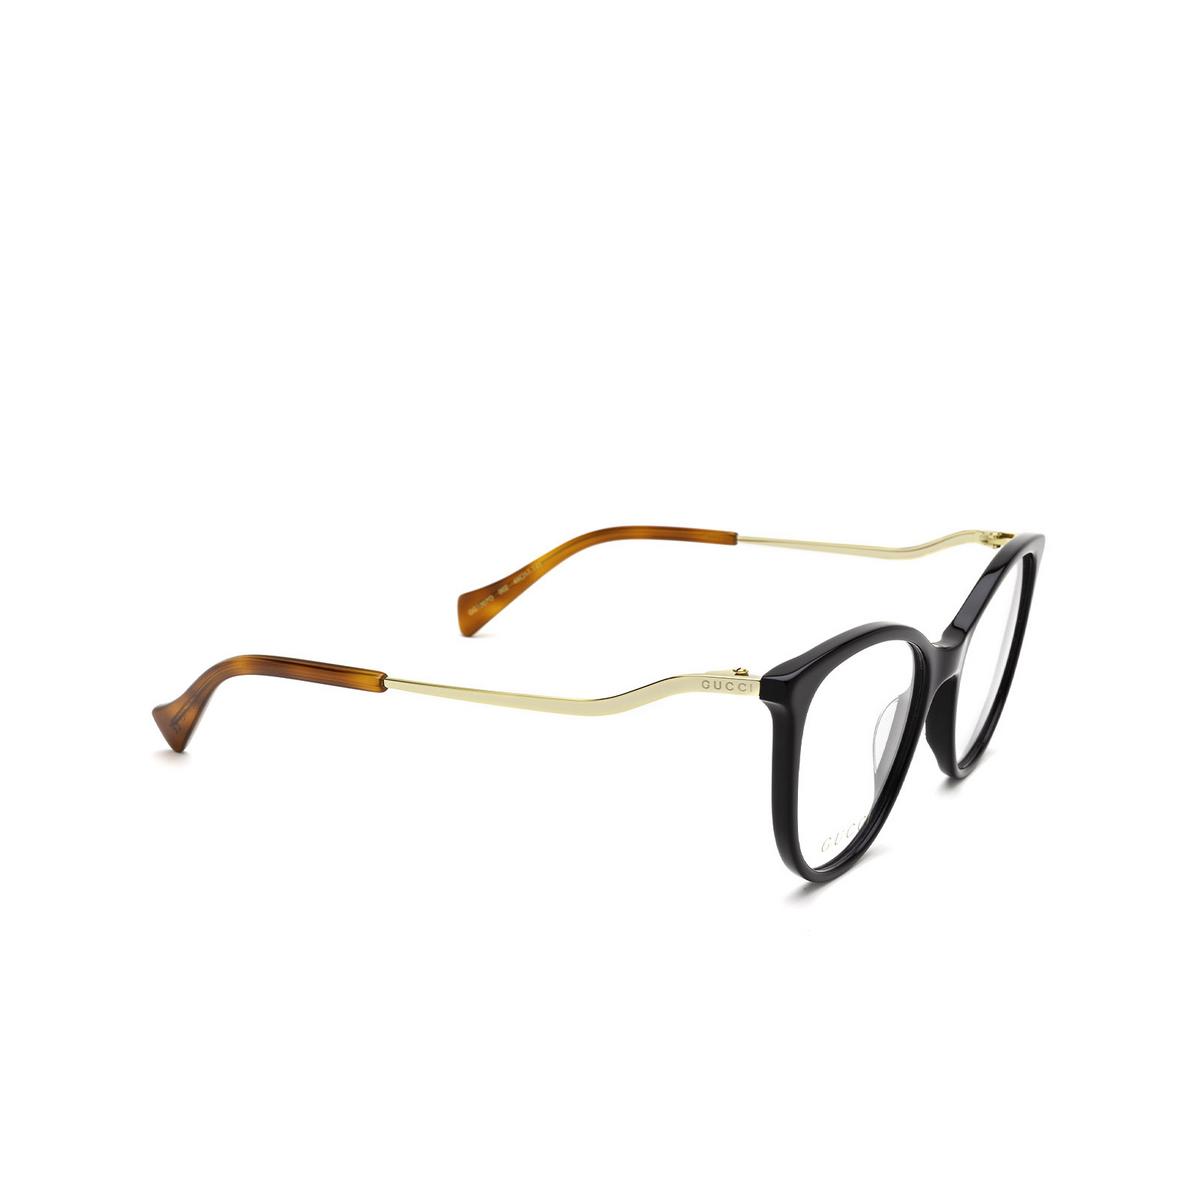 Gucci® Cat-eye Eyeglasses: GG1007O color Black 005 - three-quarters view.